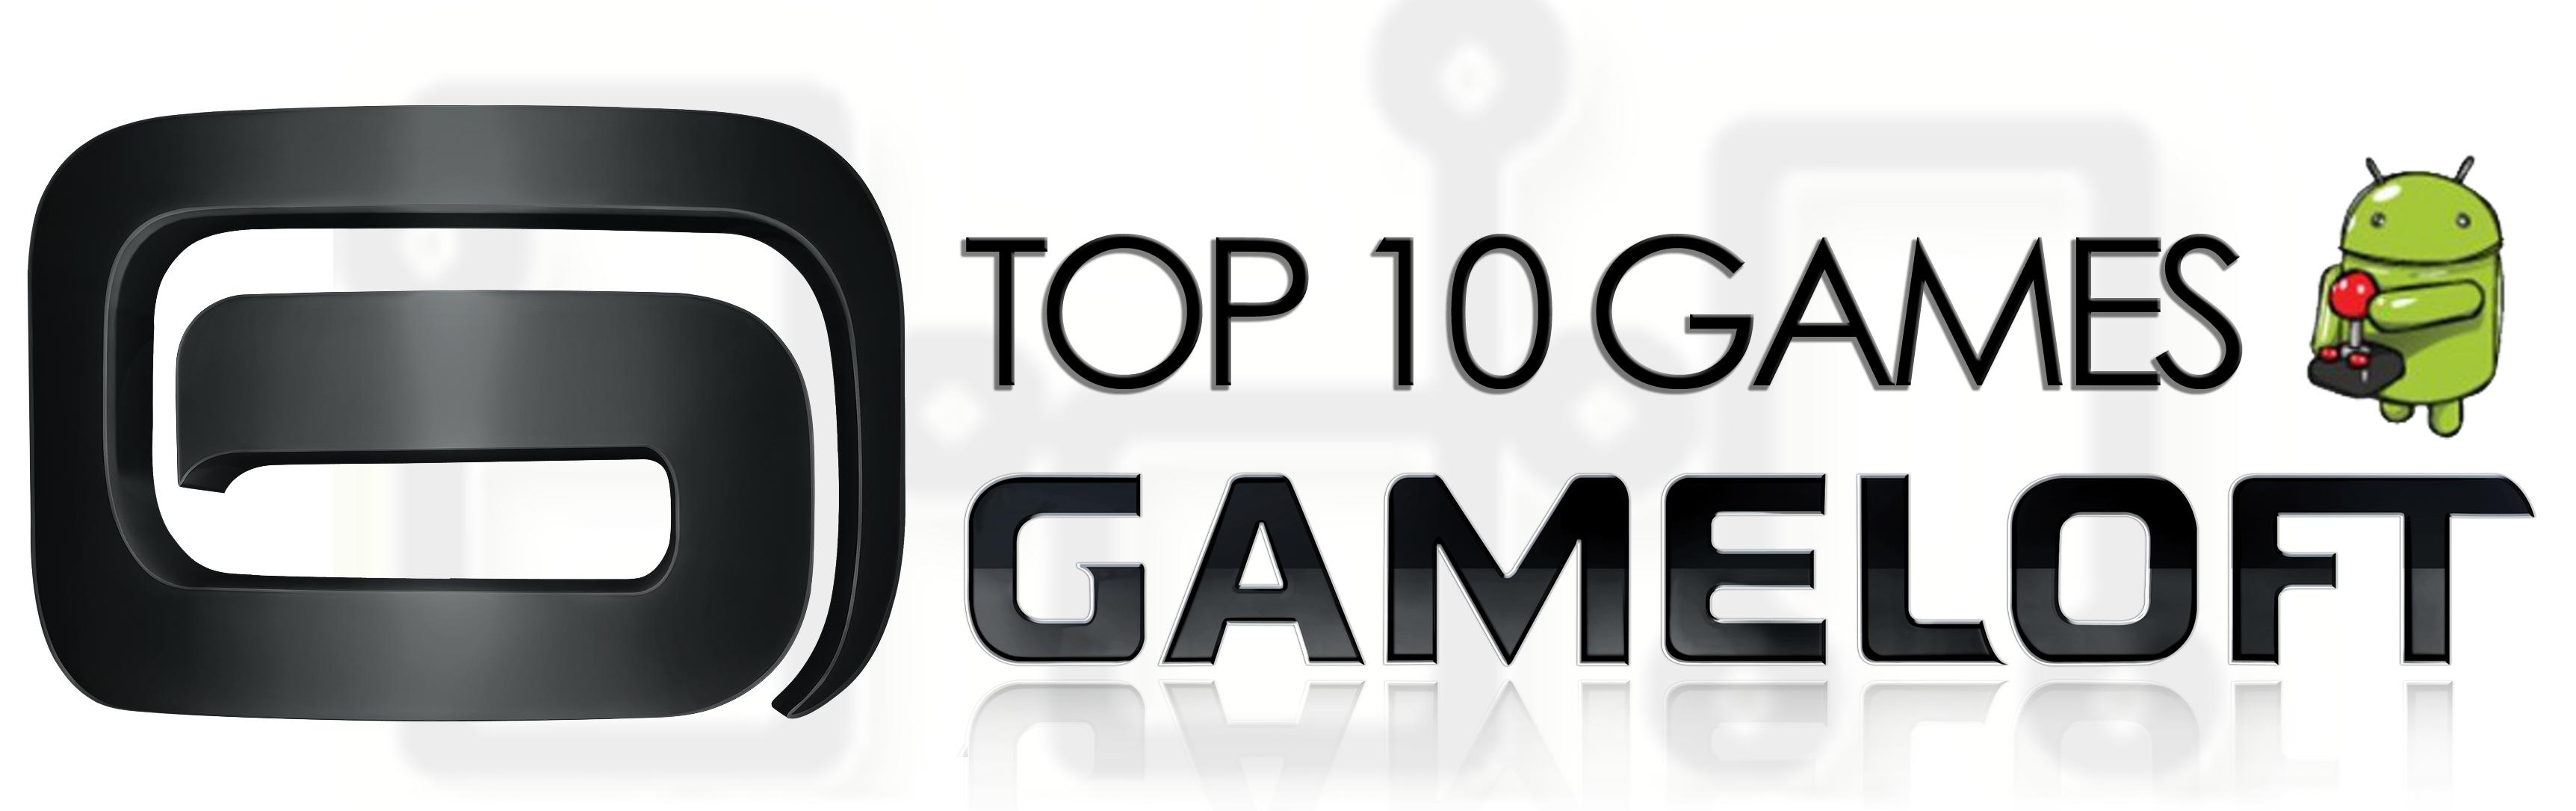 Los 10 Mejores Juegos De Gameloft Para Android Android Zone